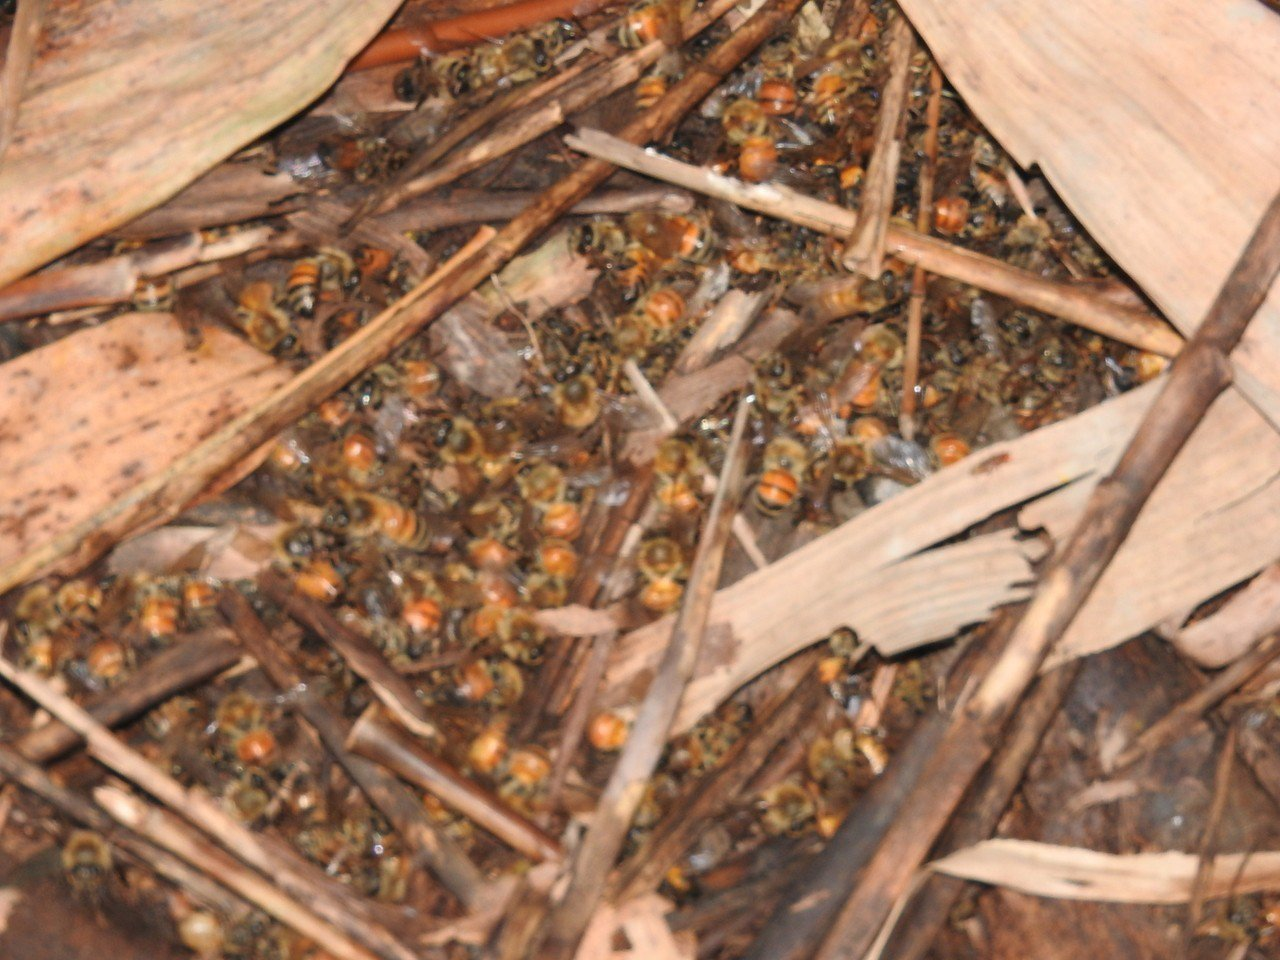 南投縣埔里鎮近期又傳「蜂災」,蜜蜂大量死亡,蜂箱旁屍橫遍野。記者賴香珊/攝影